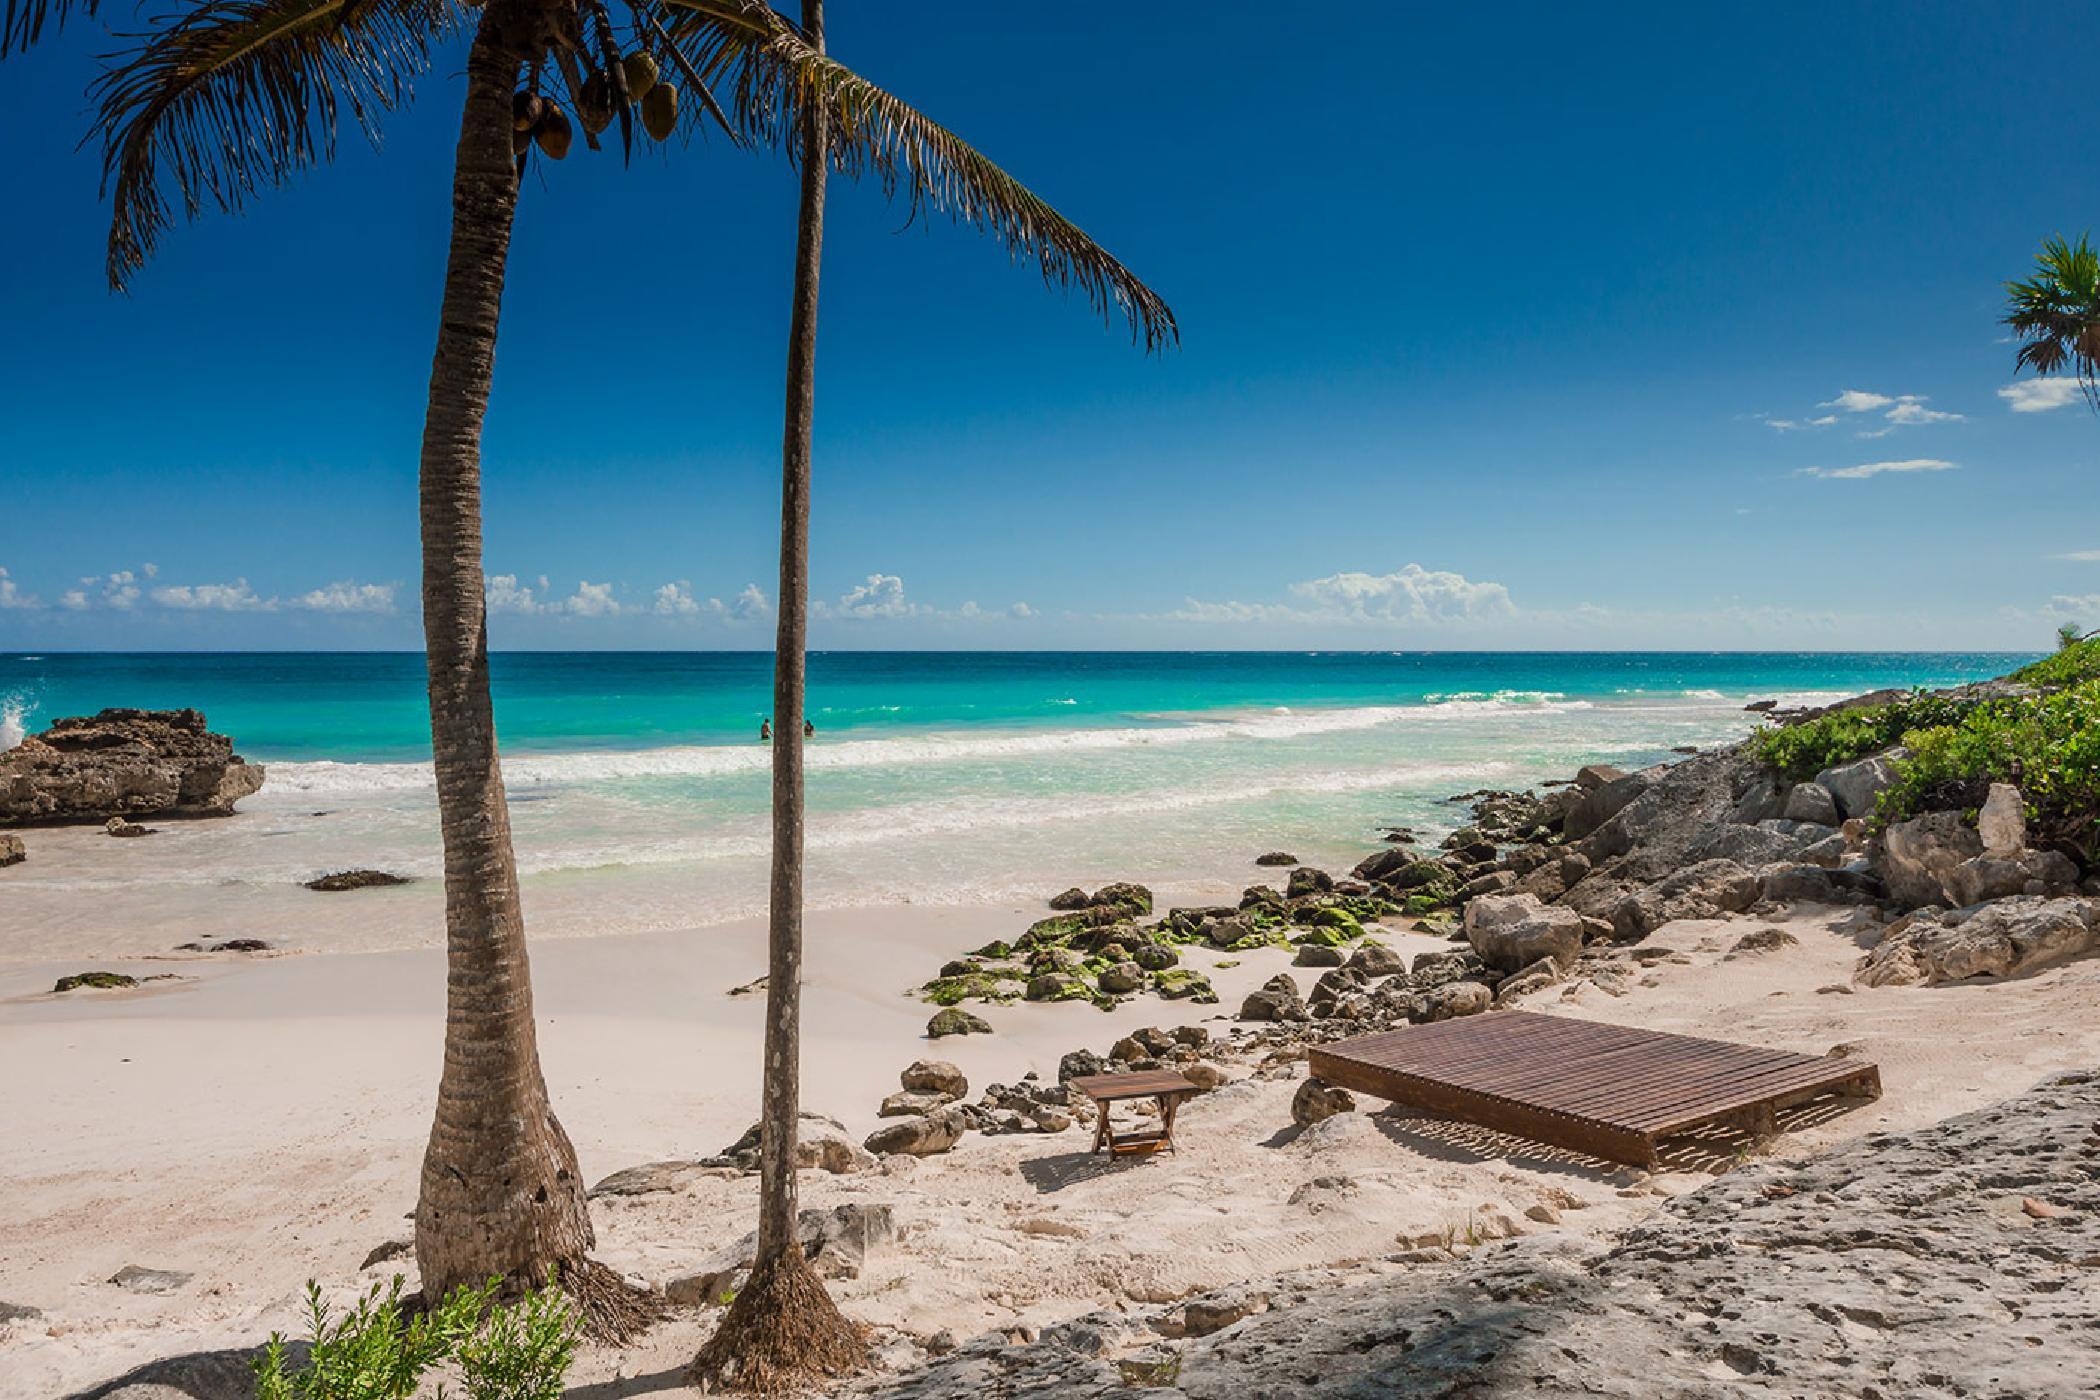 Maya_Luxe_Riviera_Maya_Luxury_Villas_Experiences_Tulum_Beach_5_Bedrooms_Villa_Miramar_11.jpg